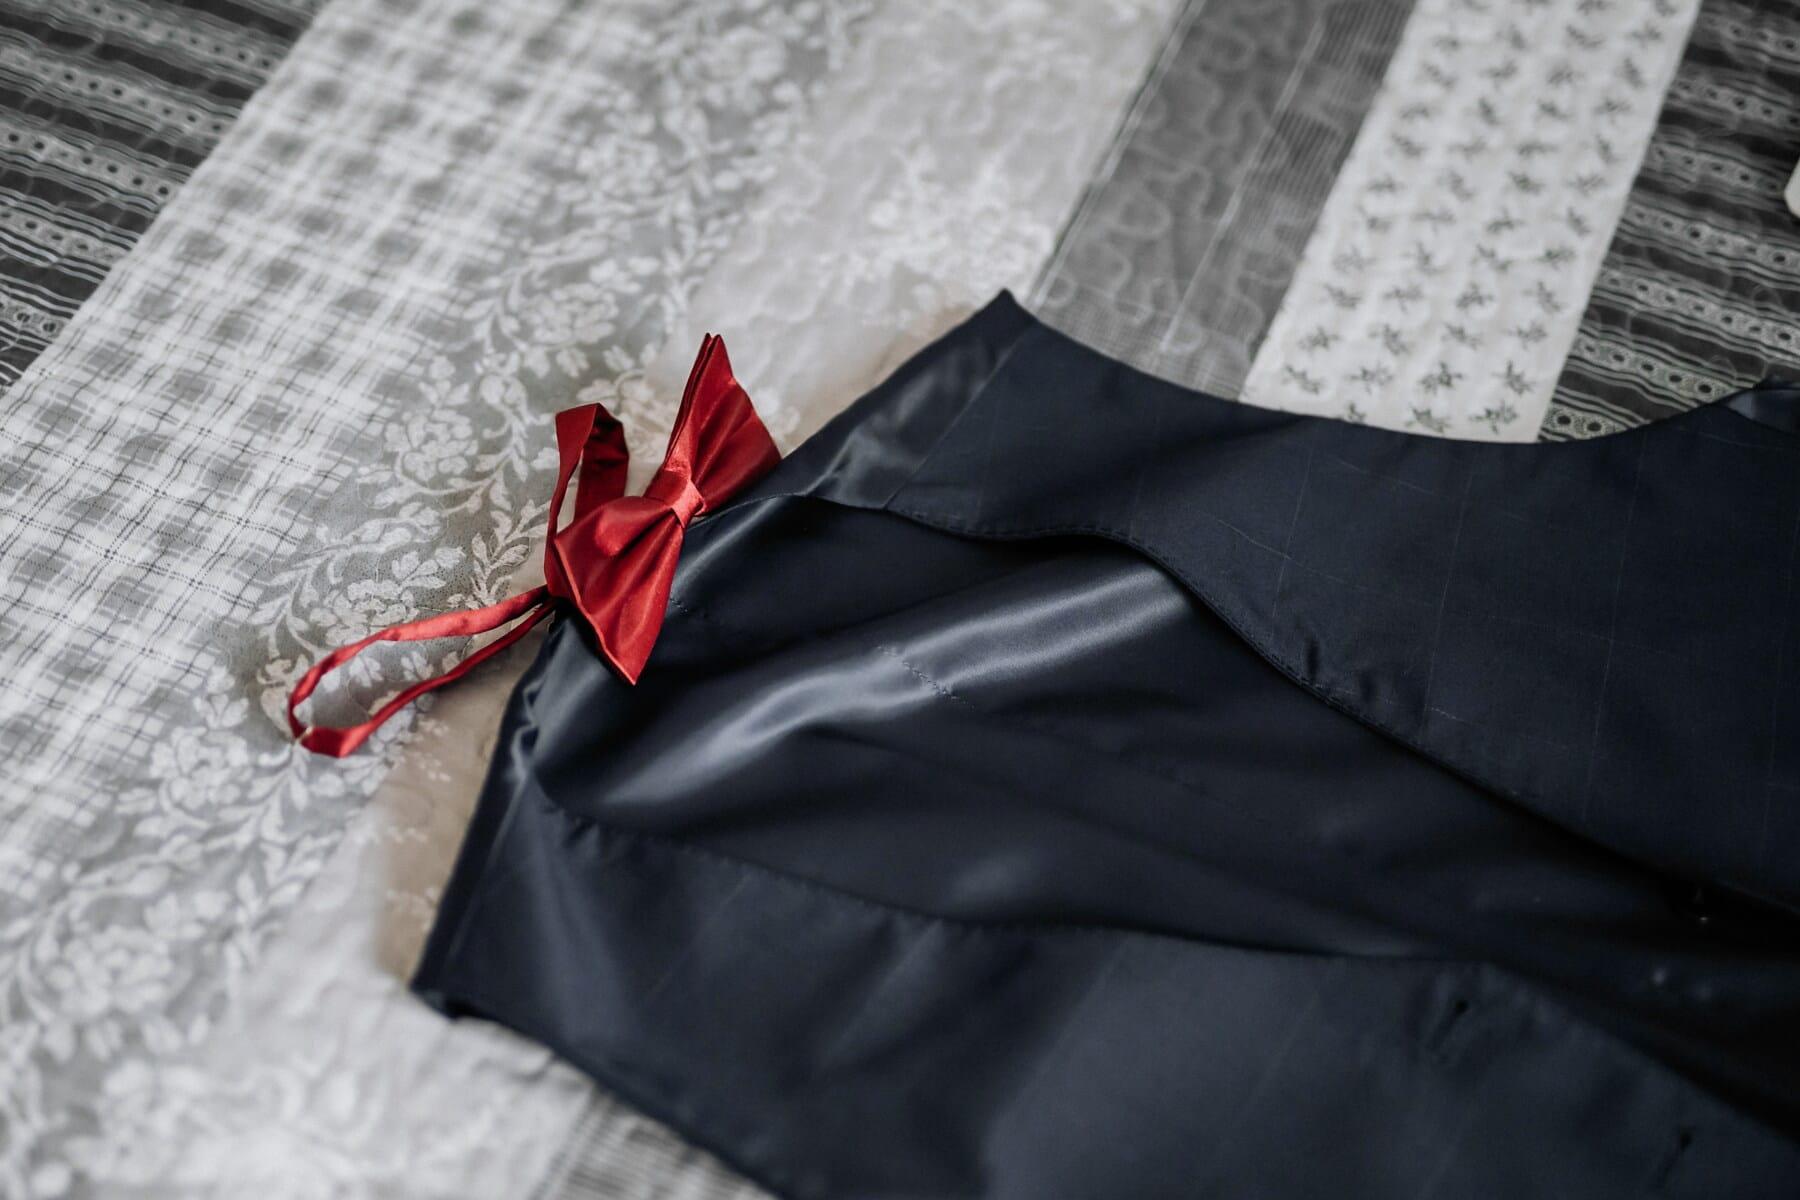 สีแดง, หูกระต่าย, เตียง, ชุดทักซิโด้, แฟชั่น, ผ้าไหม, สิ่งทอ, สง่างาม, ผ้า, ส่องแสง